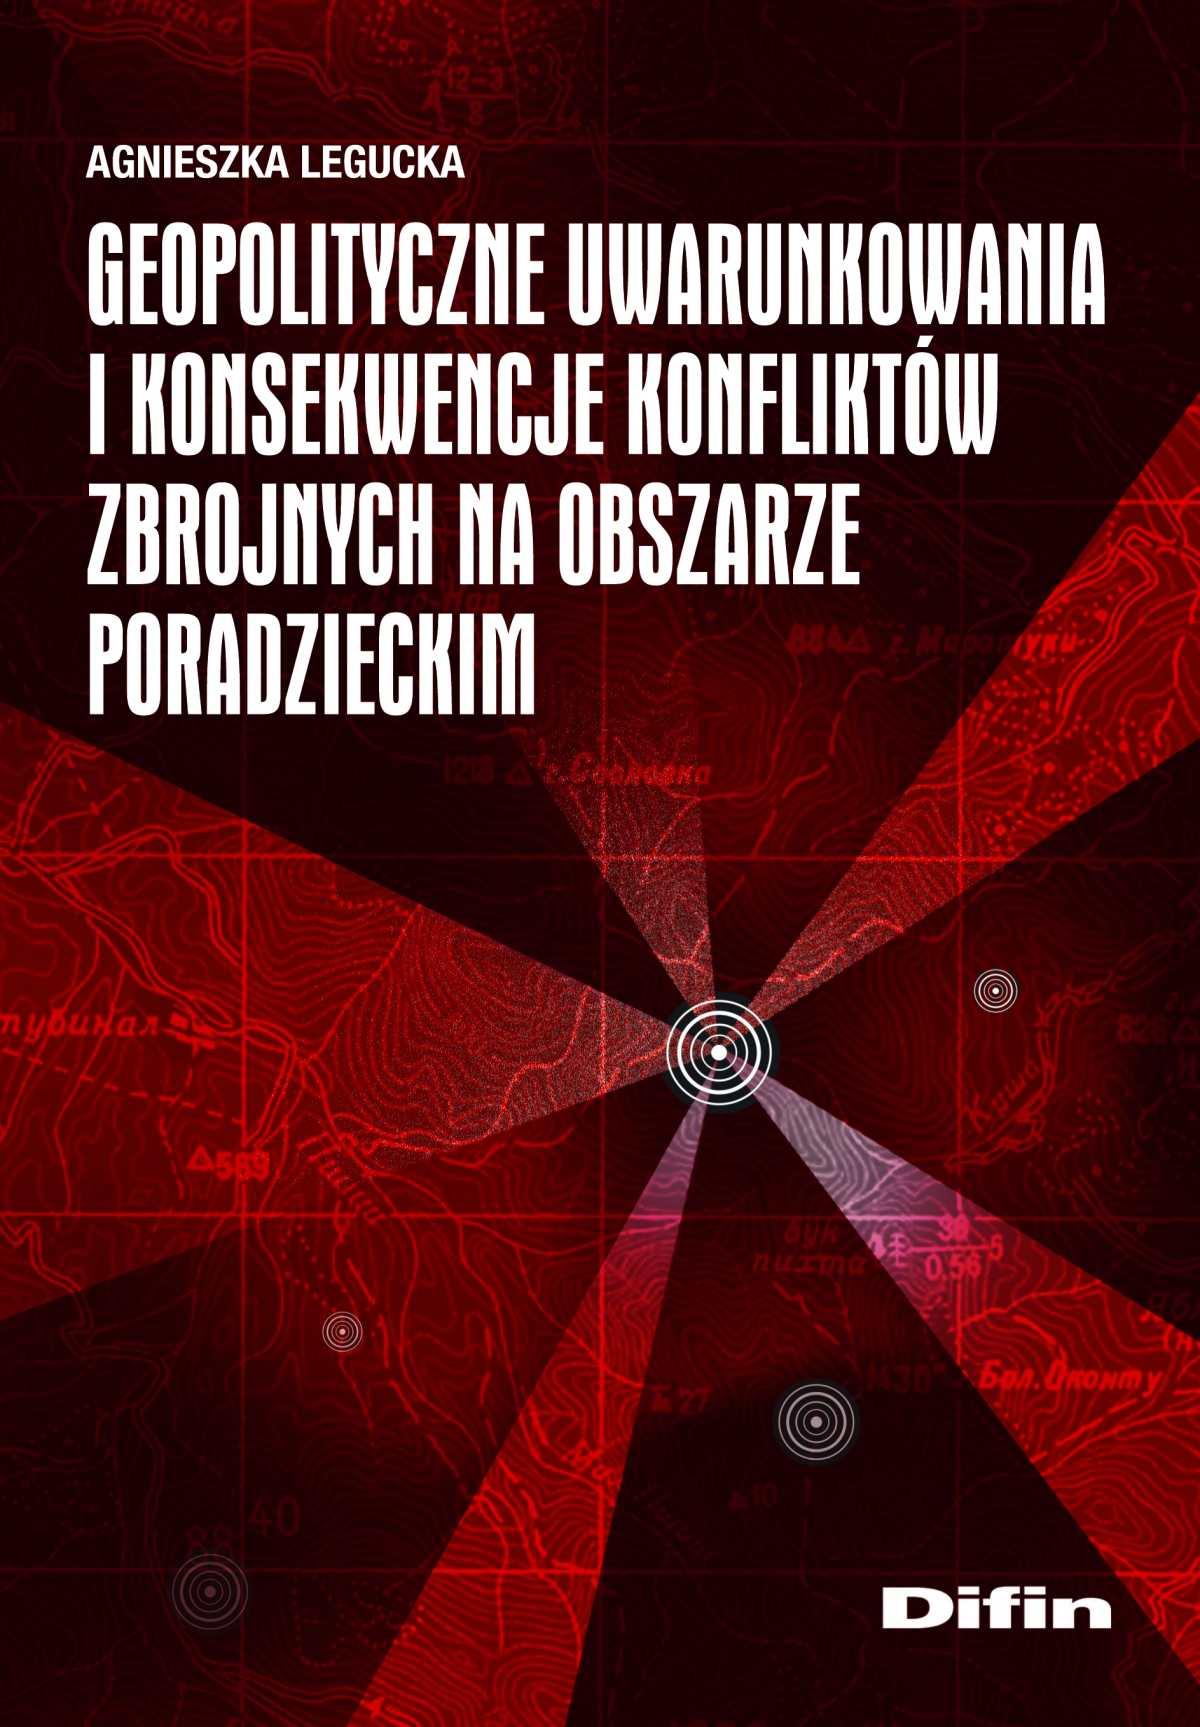 Geopolityczne uwarunkowania i konsekwencje konfliktów zbrojnych na obszarze poradzieckim - Ebook (Książka EPUB) do pobrania w formacie EPUB